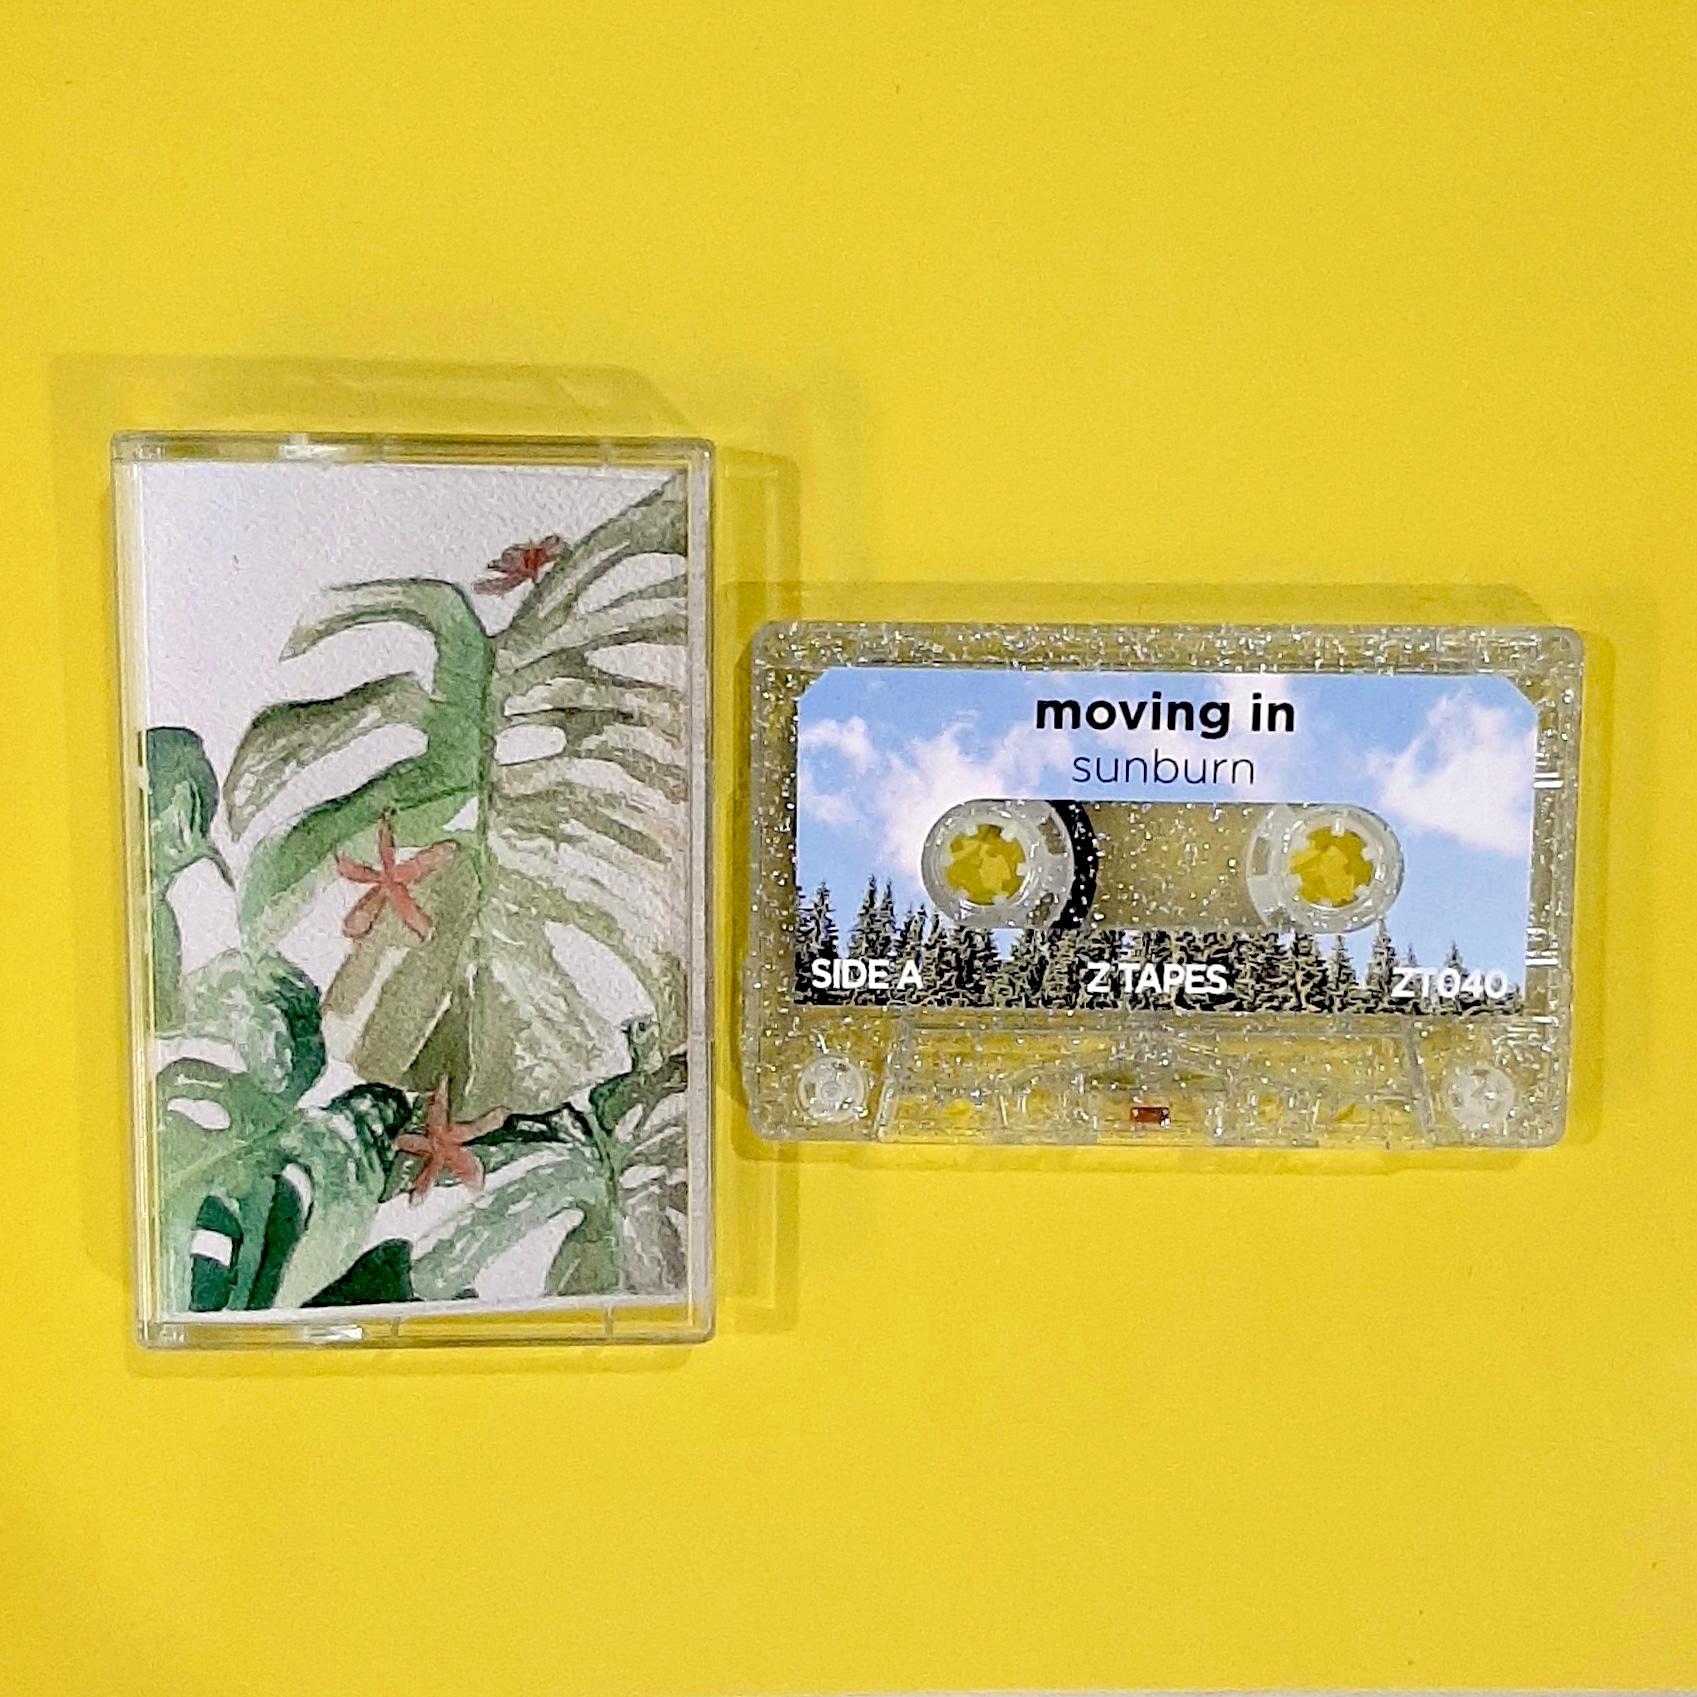 moving in - sunburn (Z Tapes)